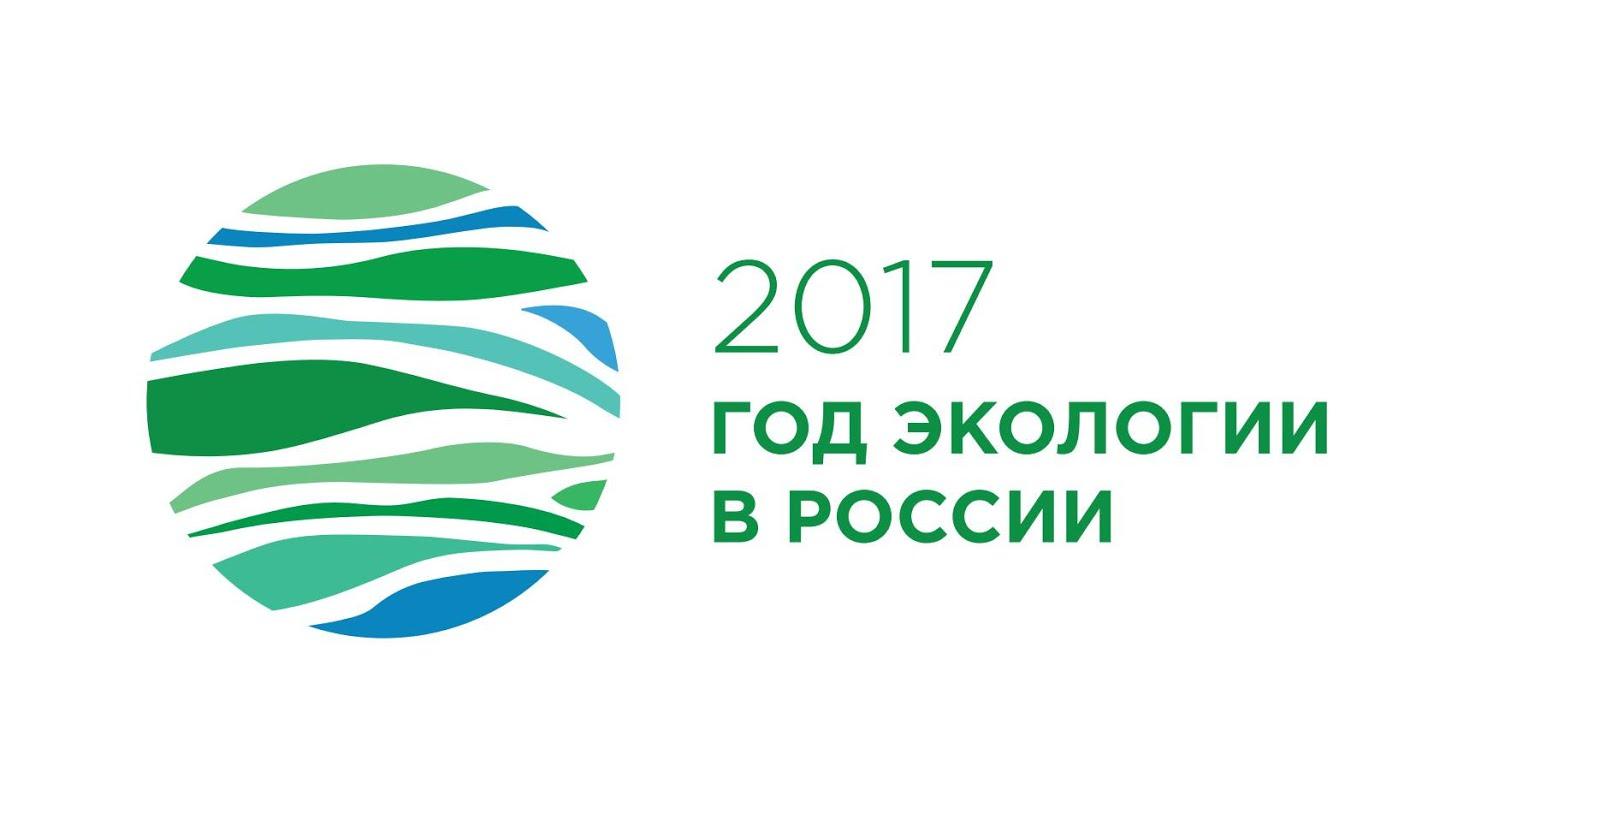 2017 год-объявлен годом экологии.